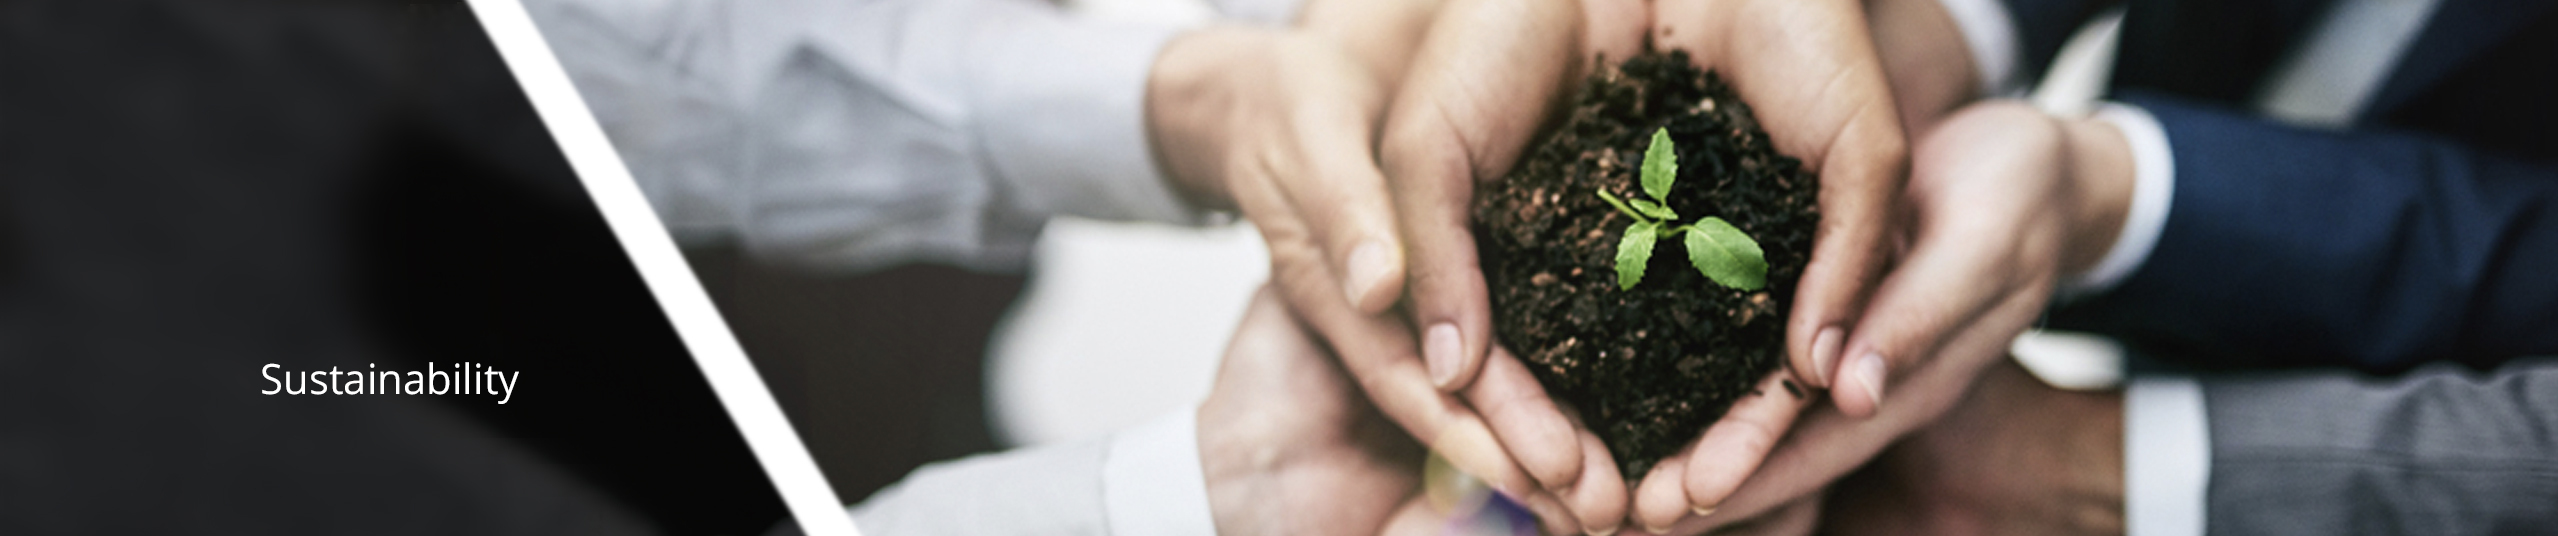 Hands holding seedling in soil.